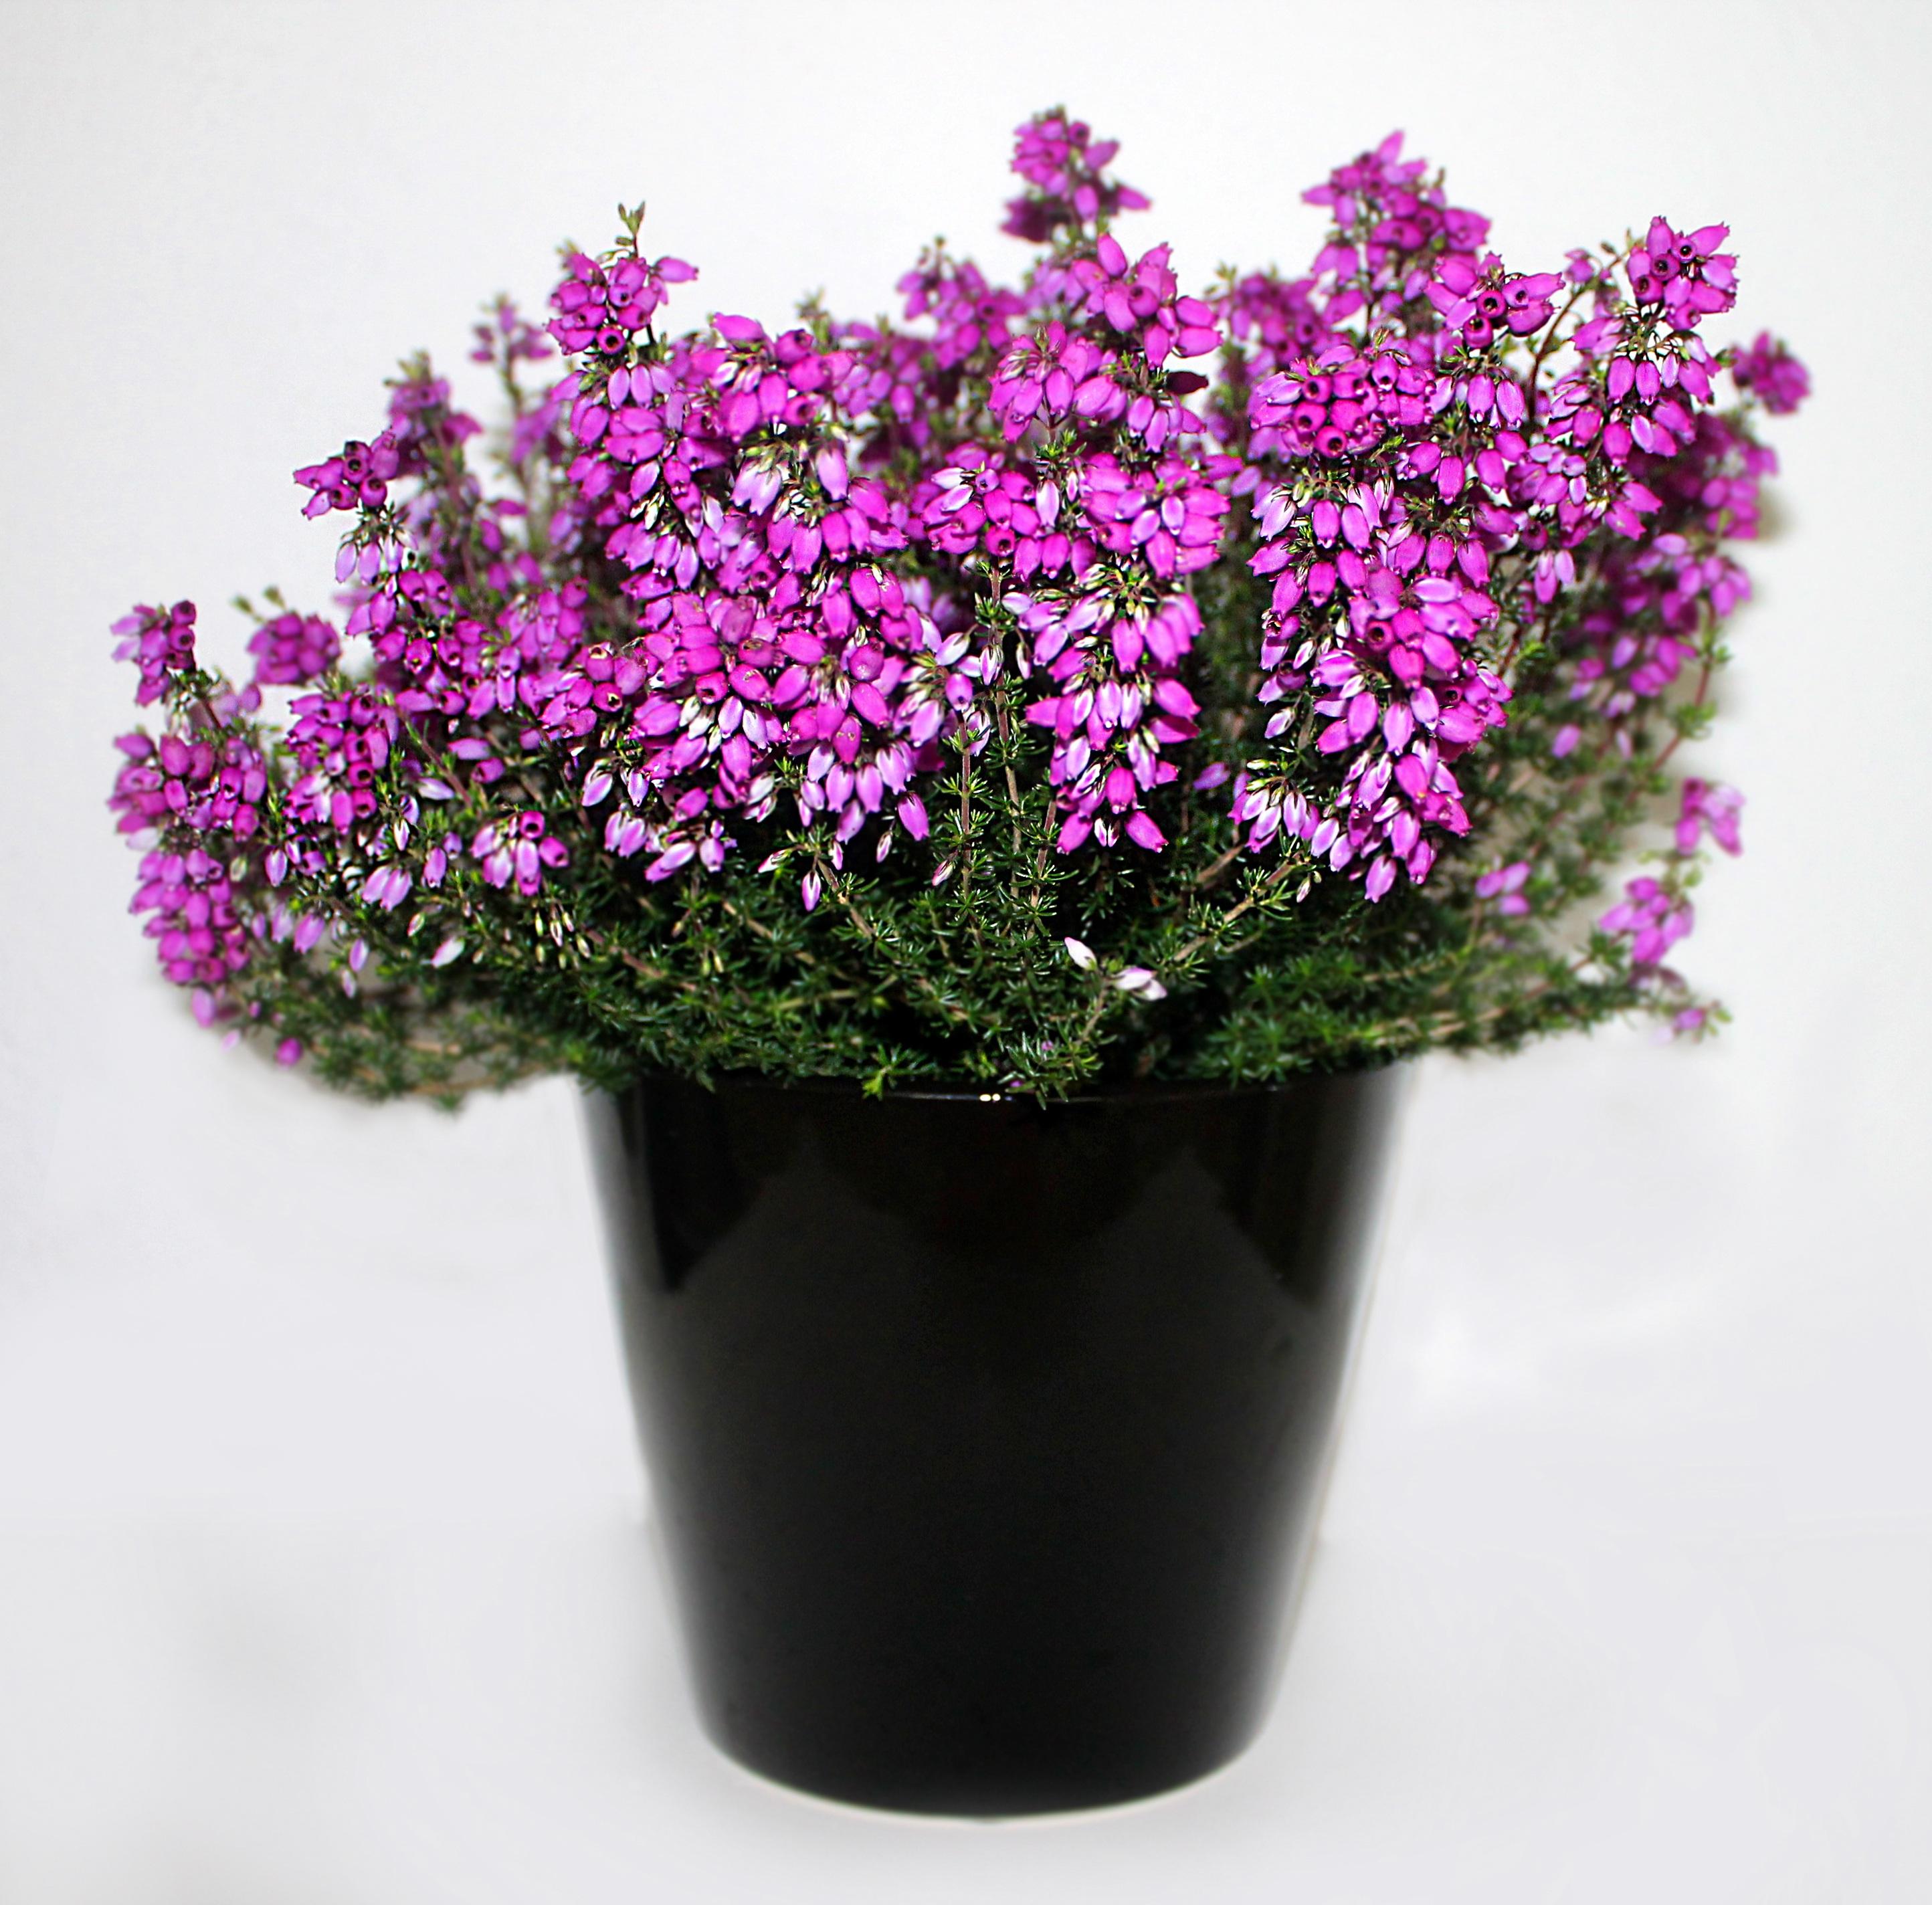 Fotos gratis flor p rpura hierba rosado lavanda for Plantas en macetas para exterior fotos